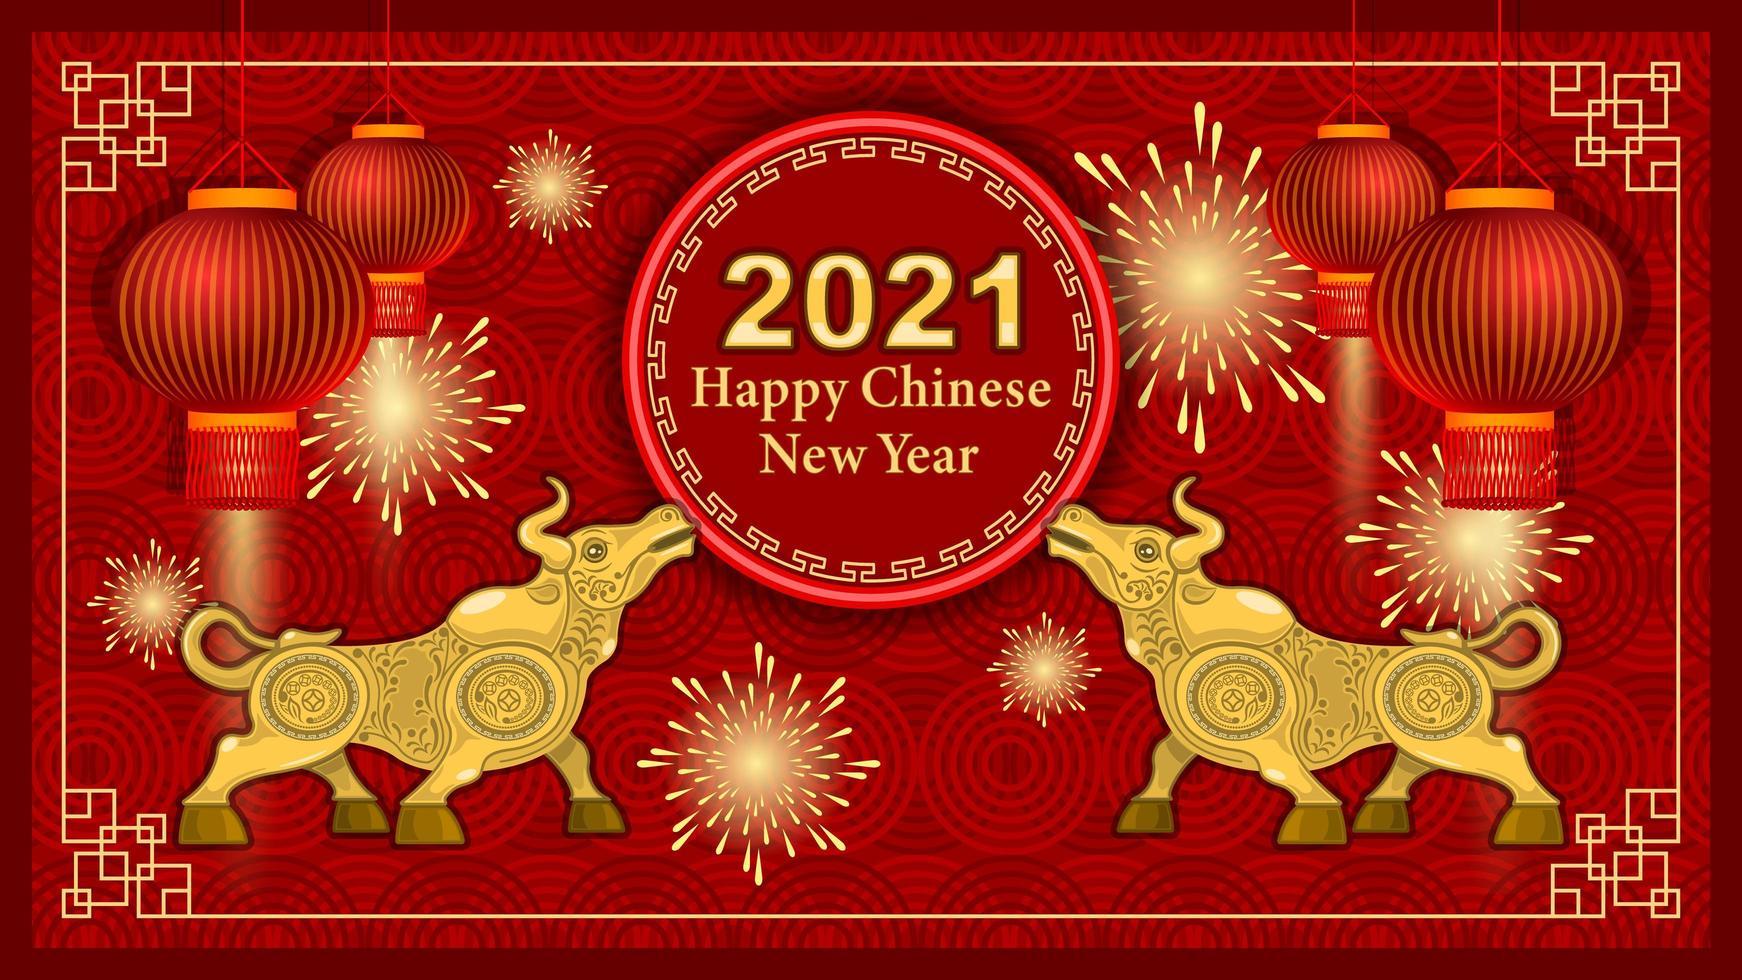 2021 metallguldtjur och dekorationselement på röd bakgrund vektor